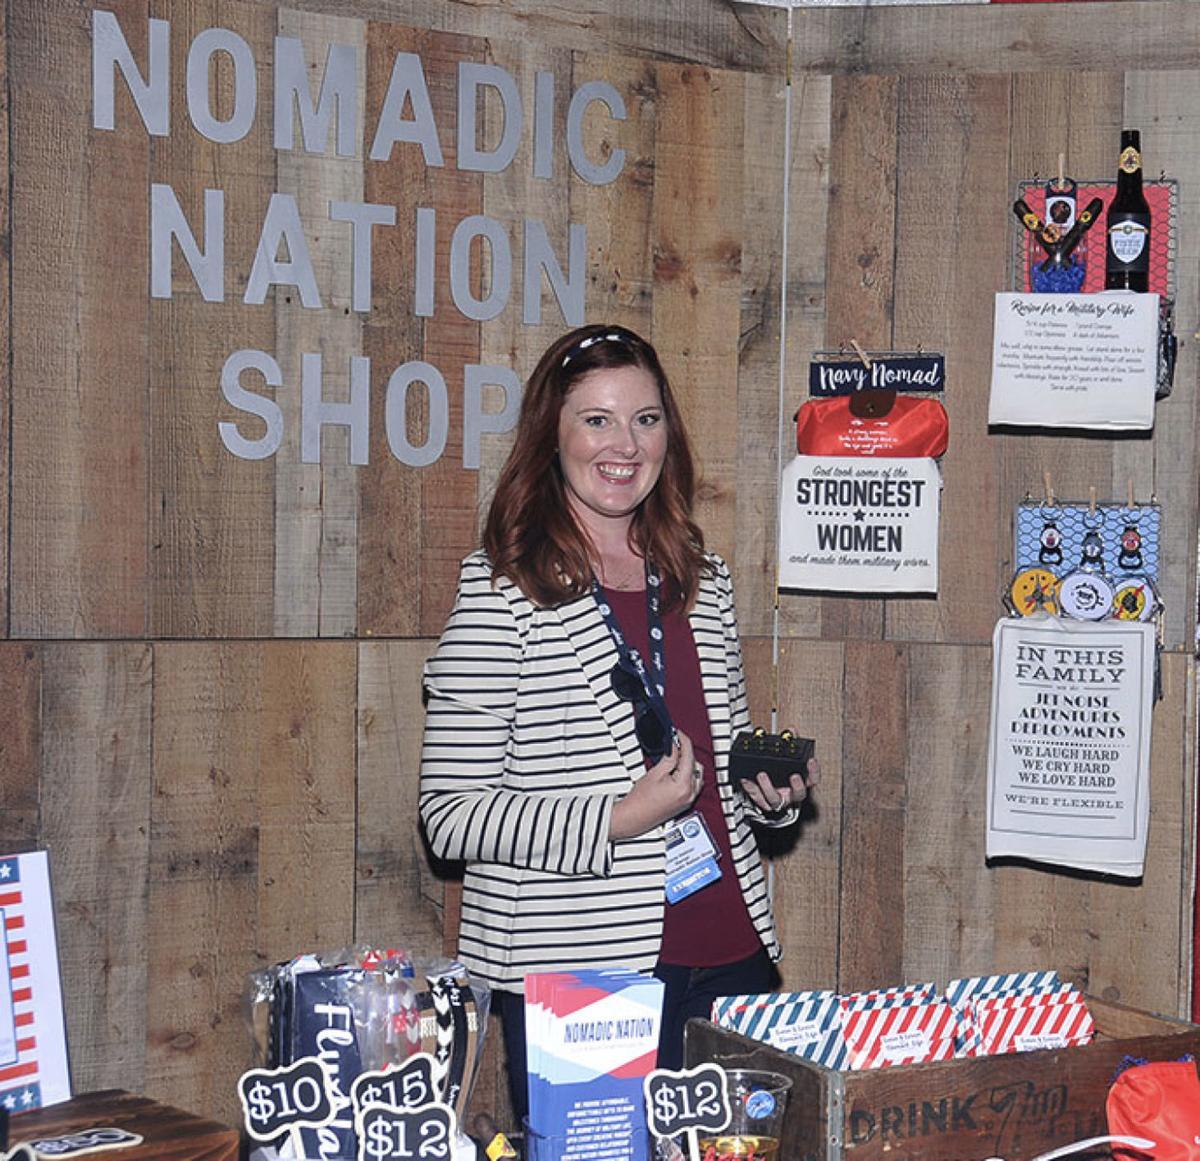 The Nomadic Nation Shop